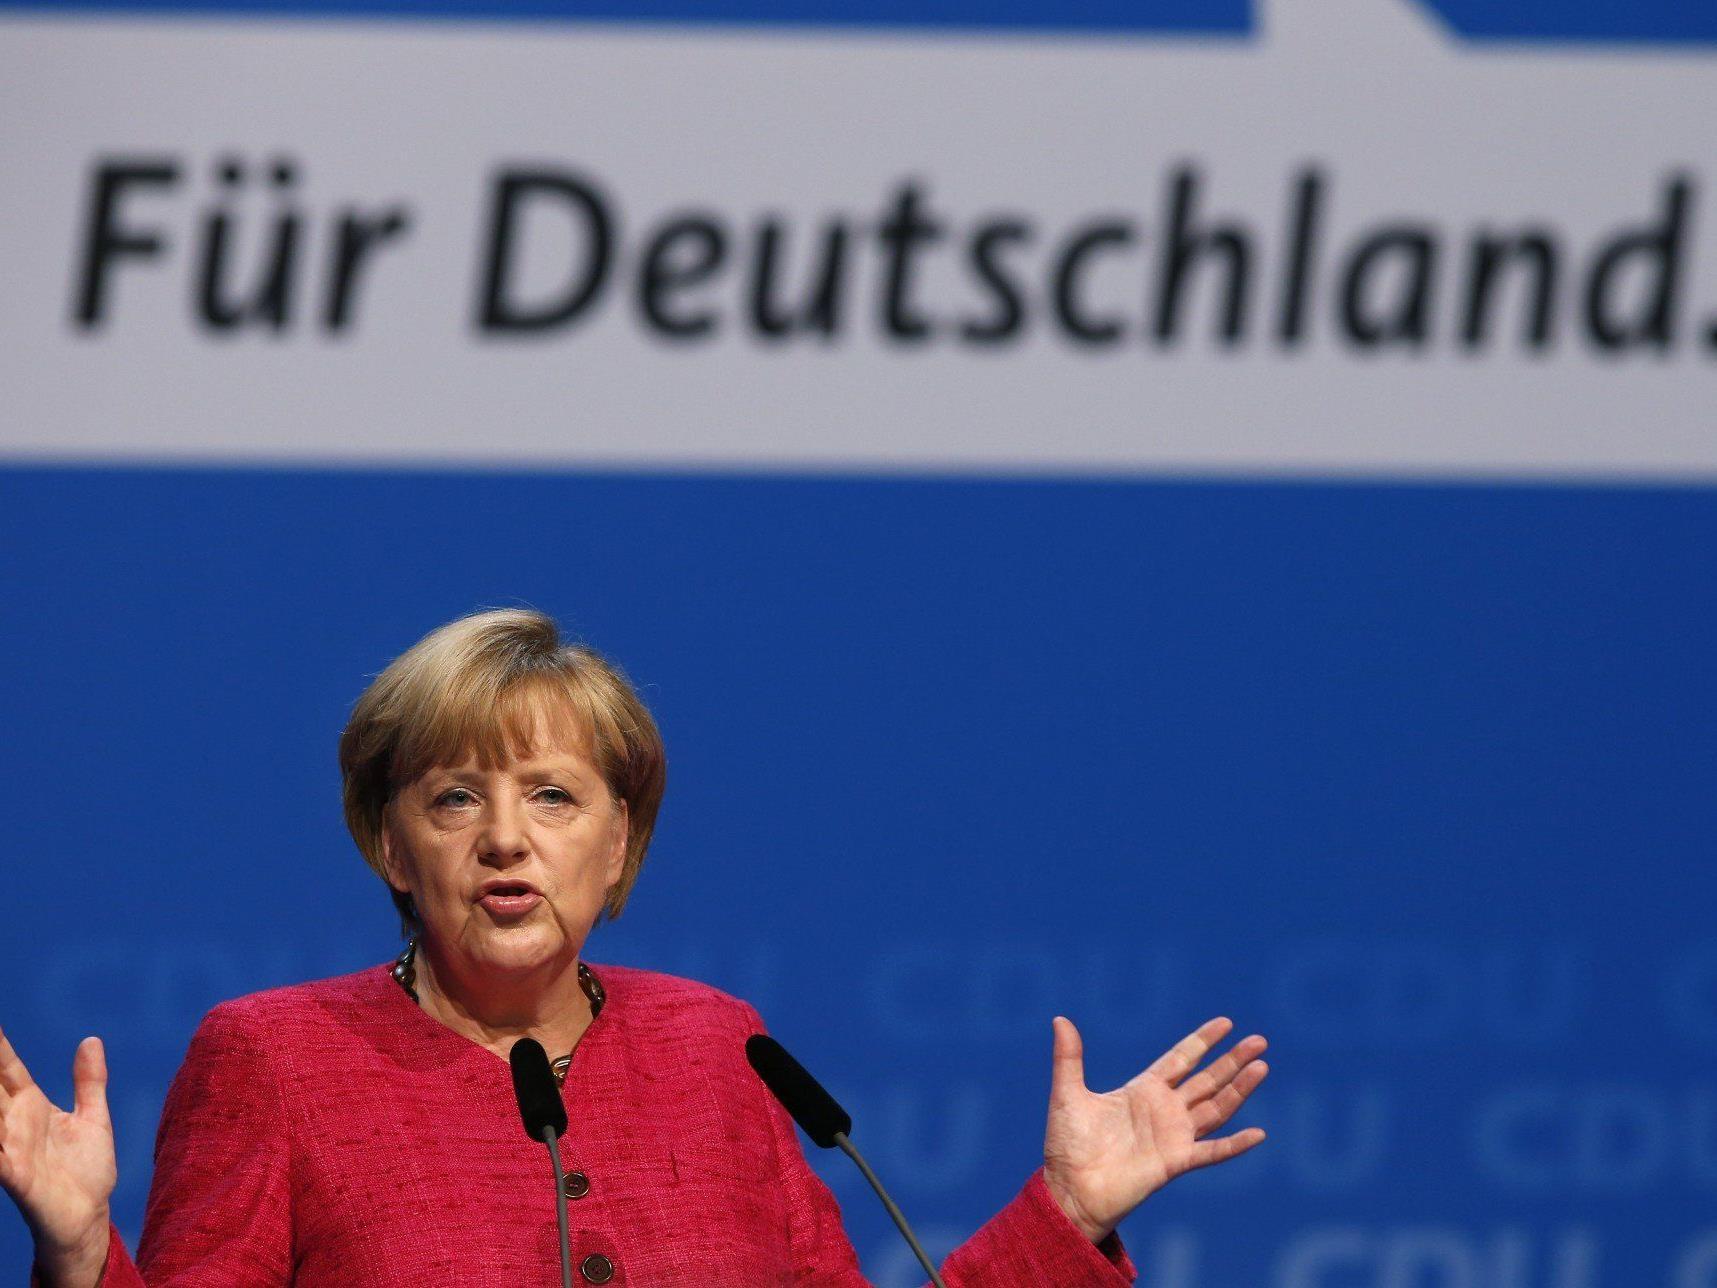 Letzte Umfragen gehen von Patt der Lager aus - Merkel dürfte Kanzlerin bleiben, nur Partner offen.